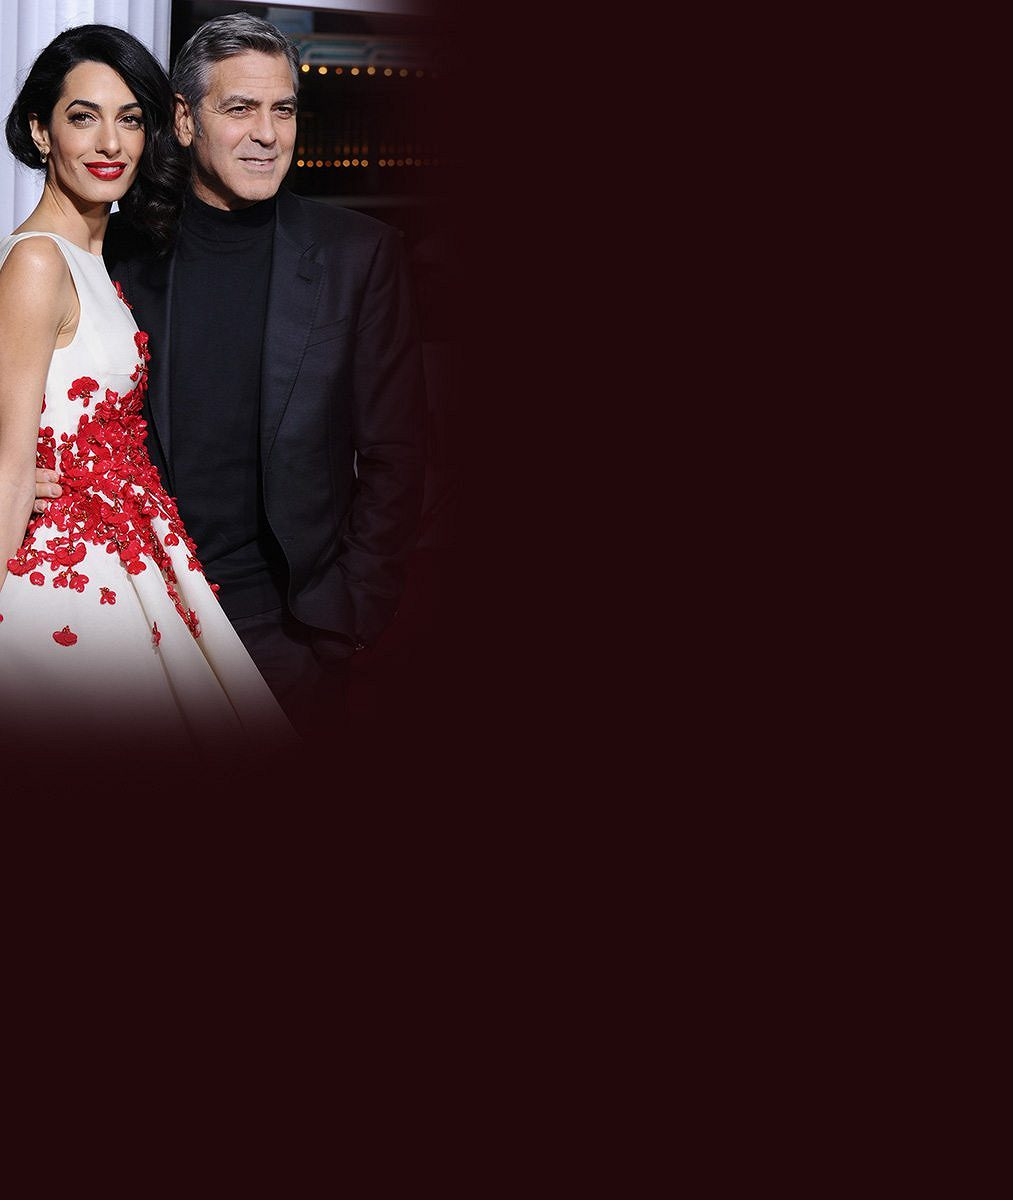 Těhotná Amal Clooney v Paříži dokonale zastínila manžela George: Každý si špital o jejím bříšku